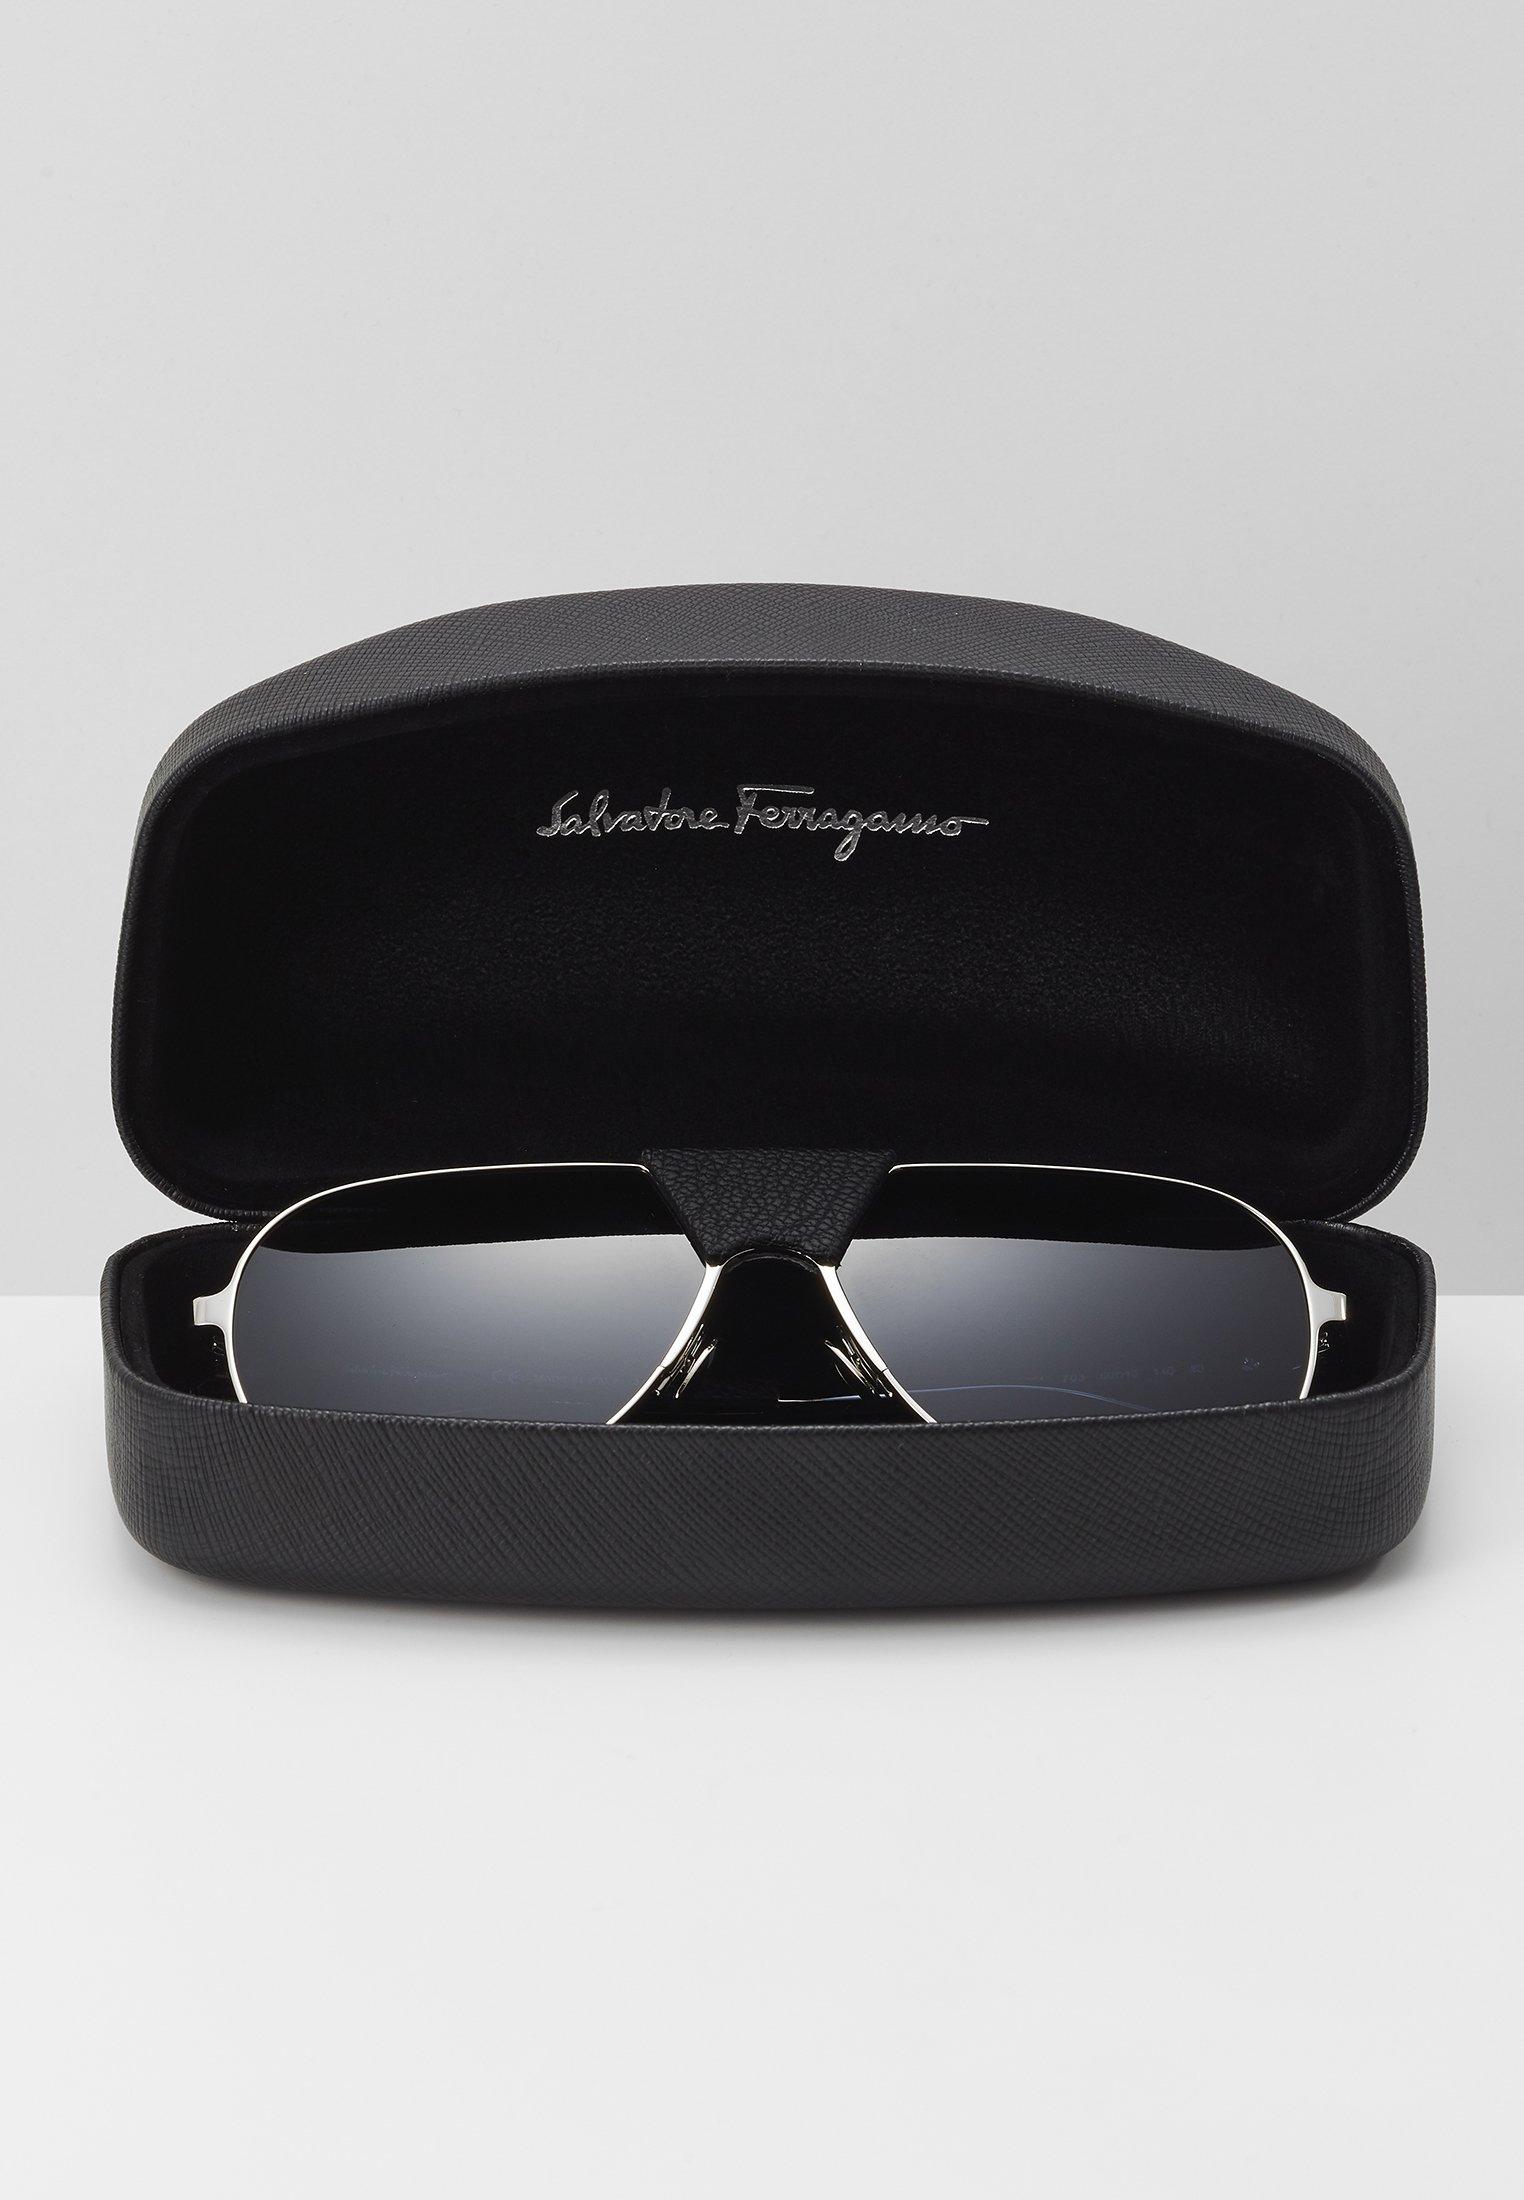 Salvatore Ferragamo Lunettes de soleil - light gold-coloured/black